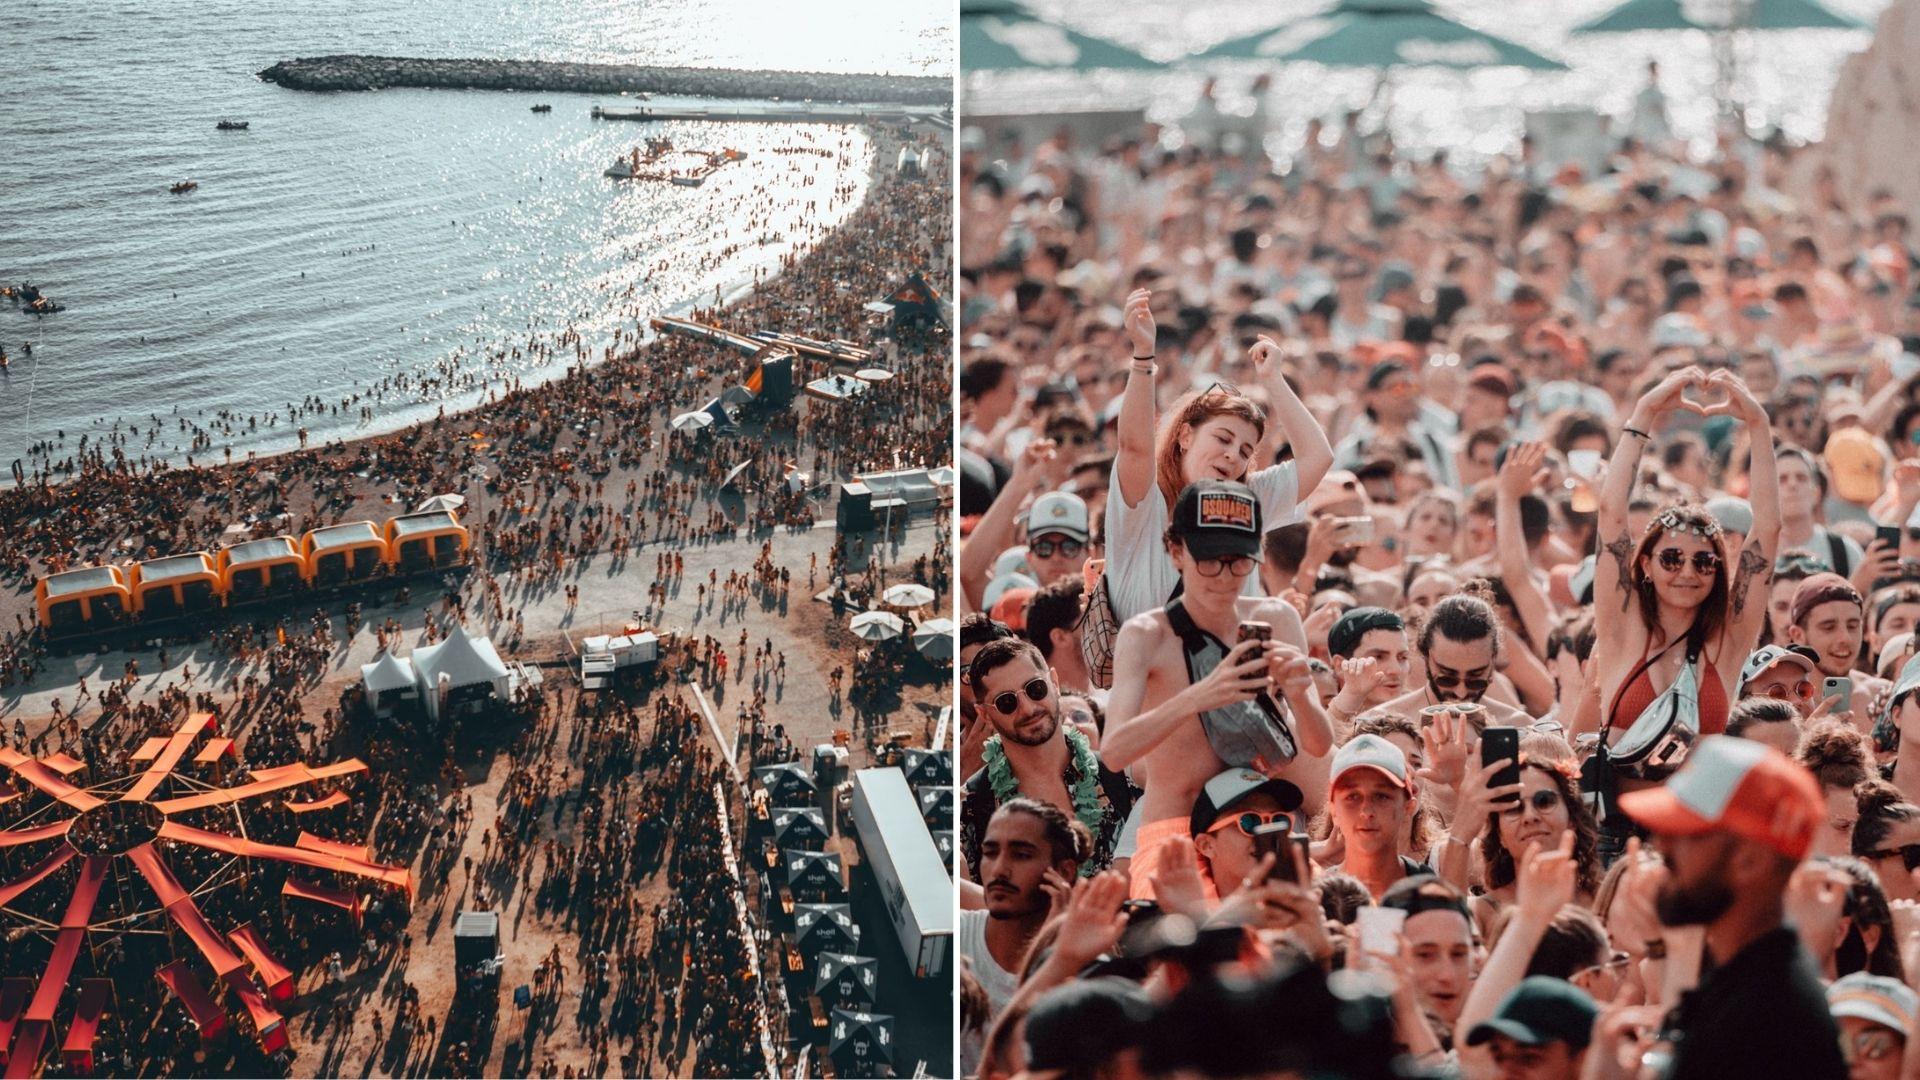 delta festival plages du prado marseille musique août places